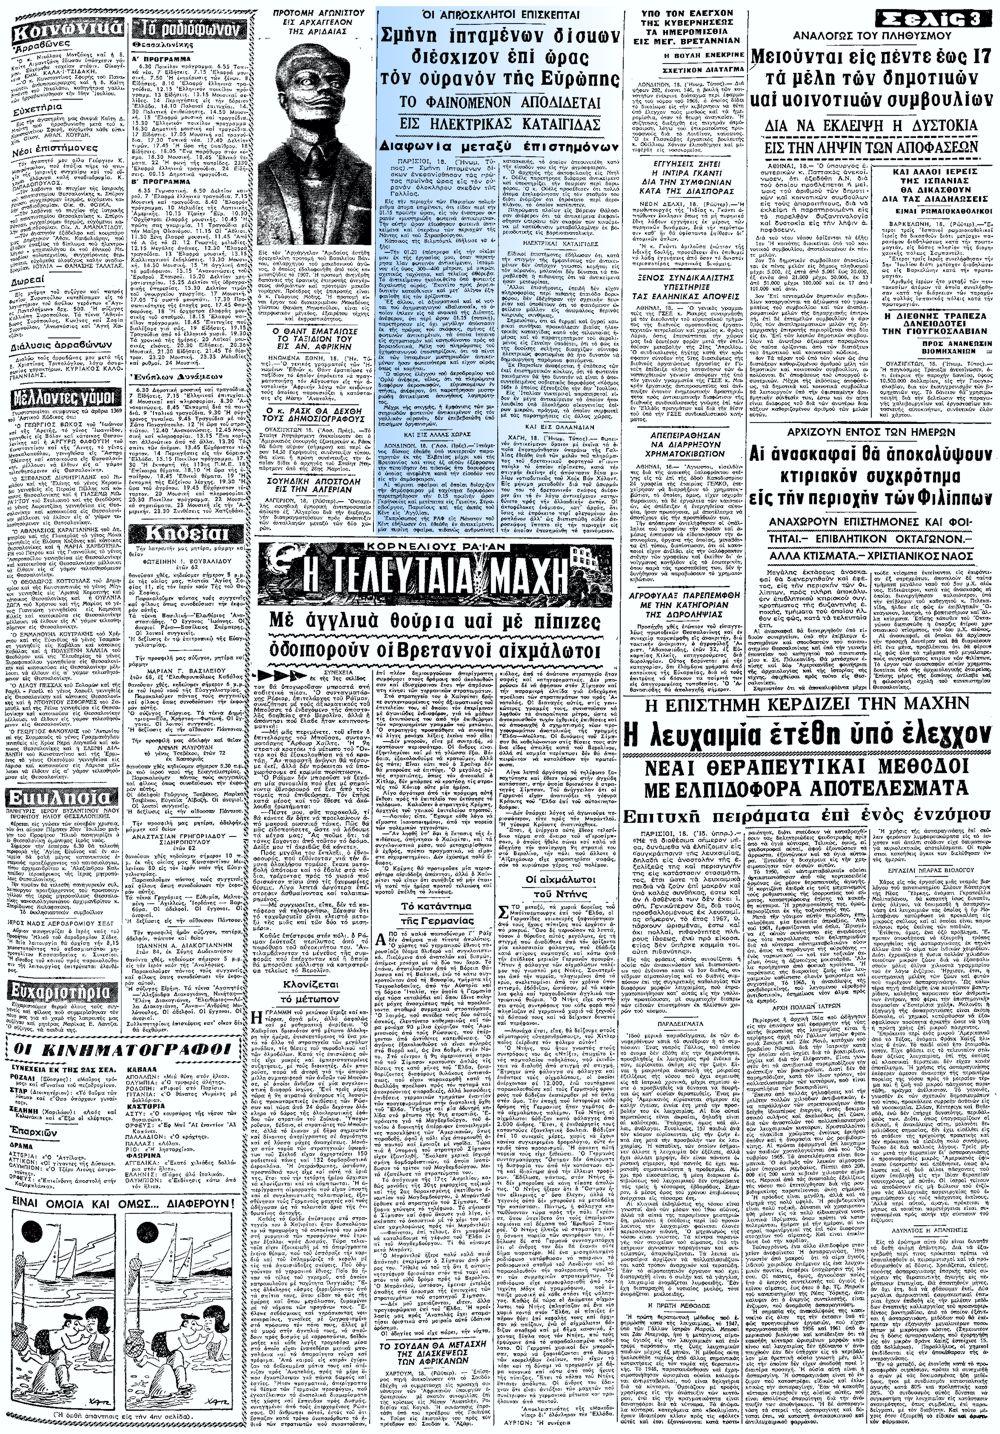 """Το άρθρο, όπως δημοσιεύθηκε στην εφημερίδα """"ΜΑΚΕΔΟΝΙΑ"""", στις 19/07/1967"""